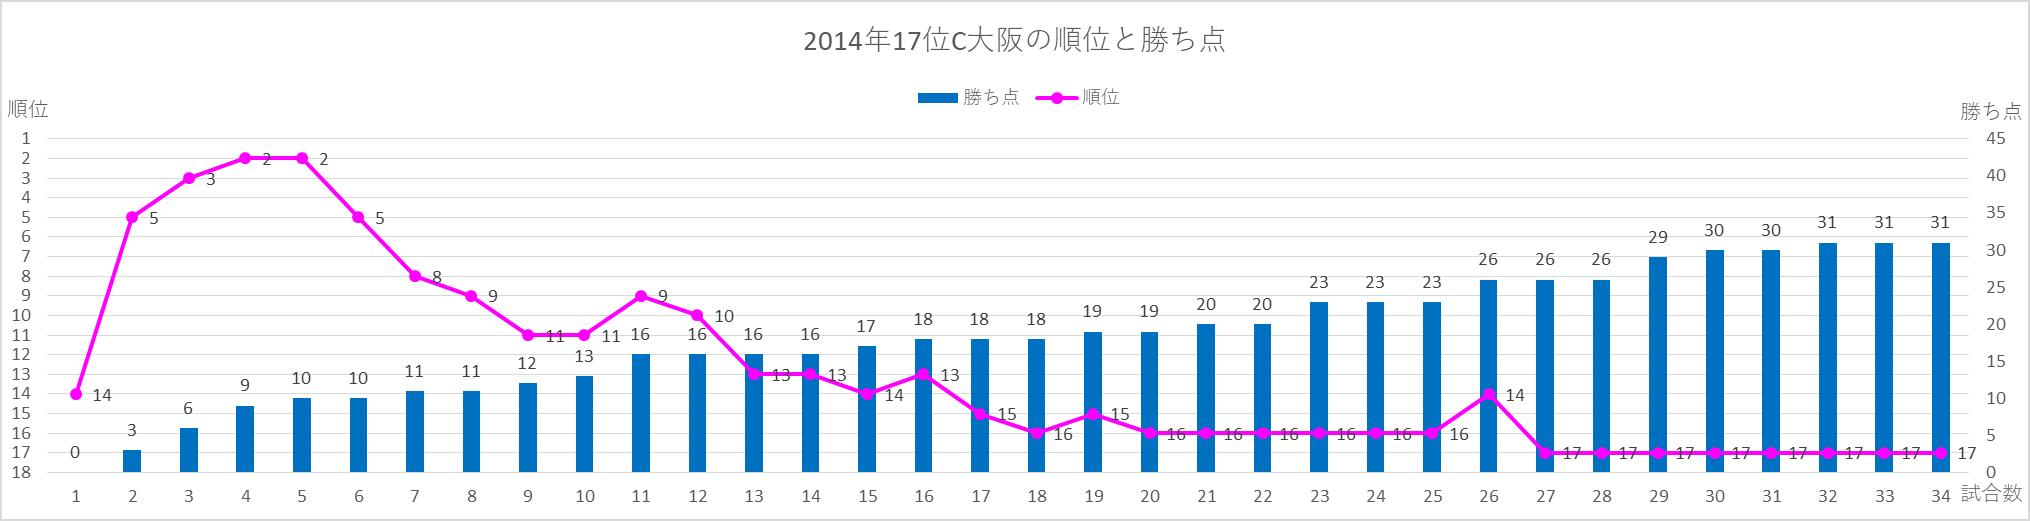 2014年C大阪の順位と勝ち点の推移